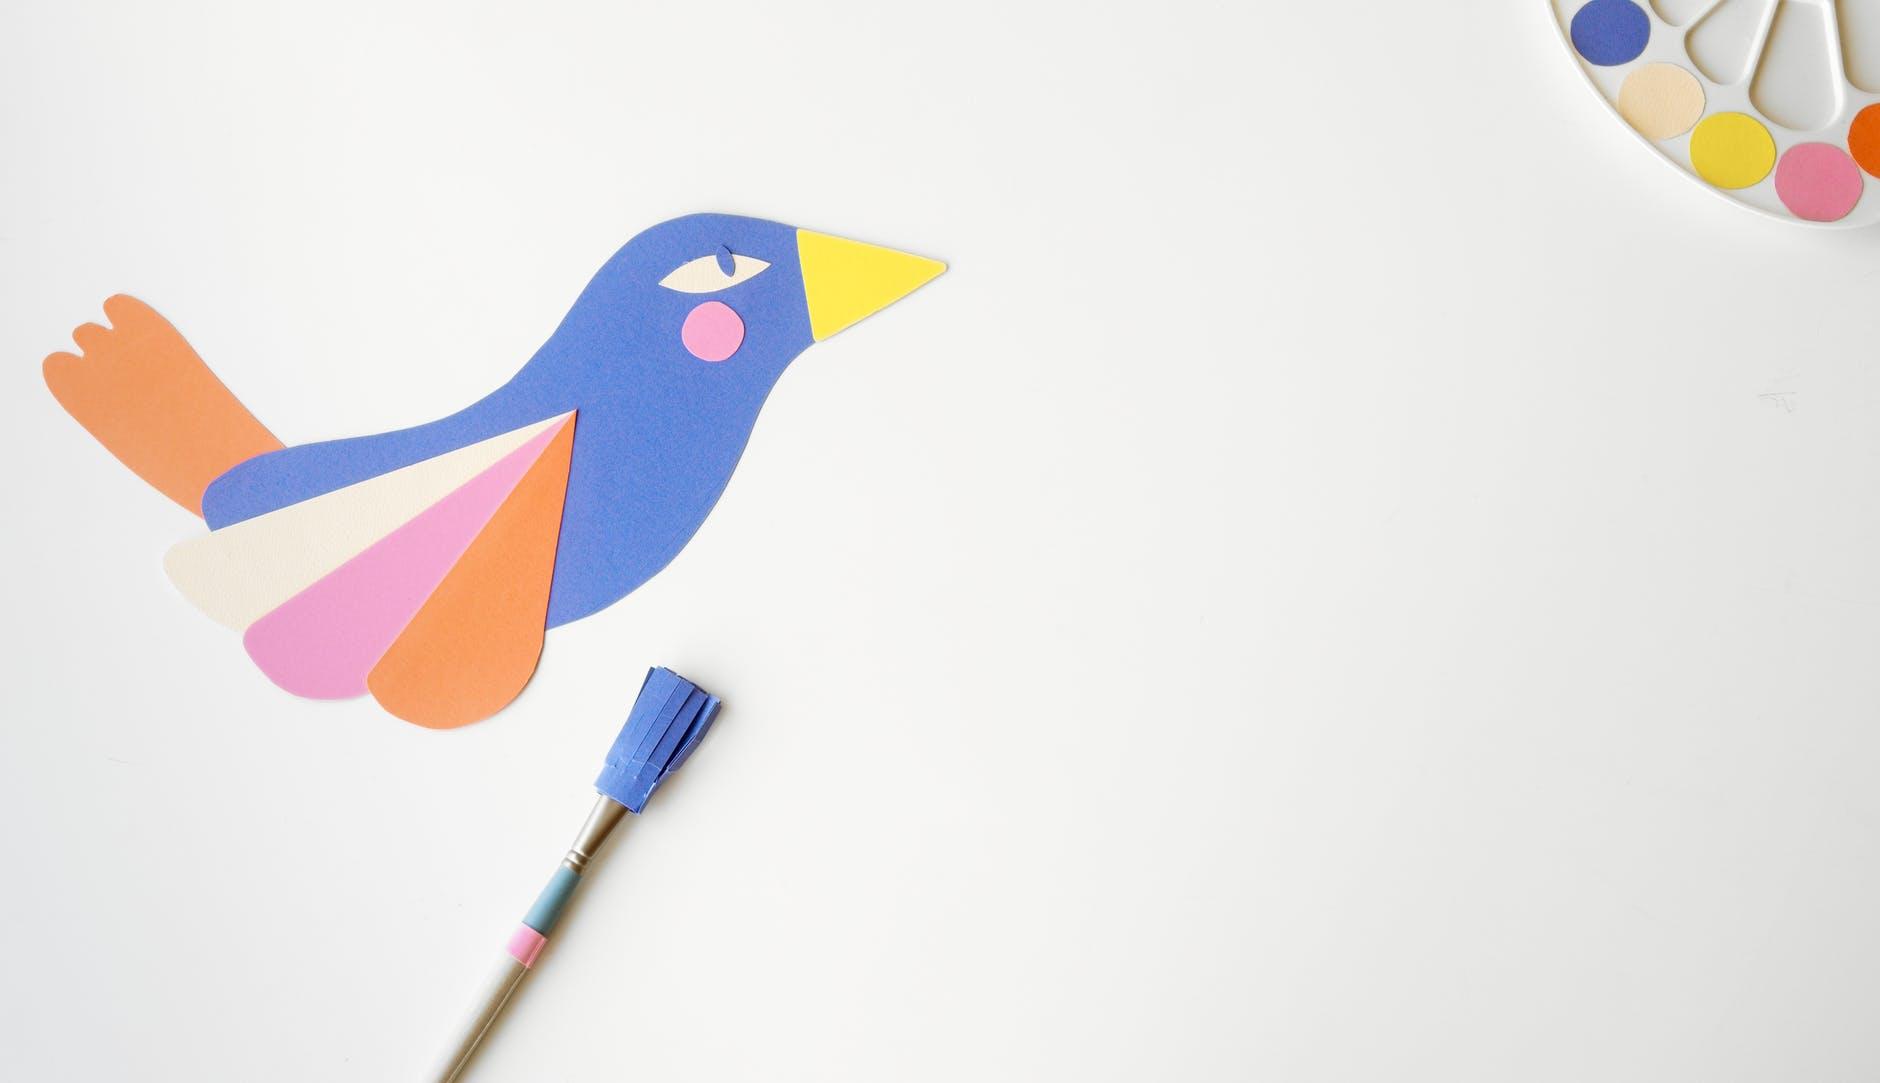 ptak.z żółtym dziobem